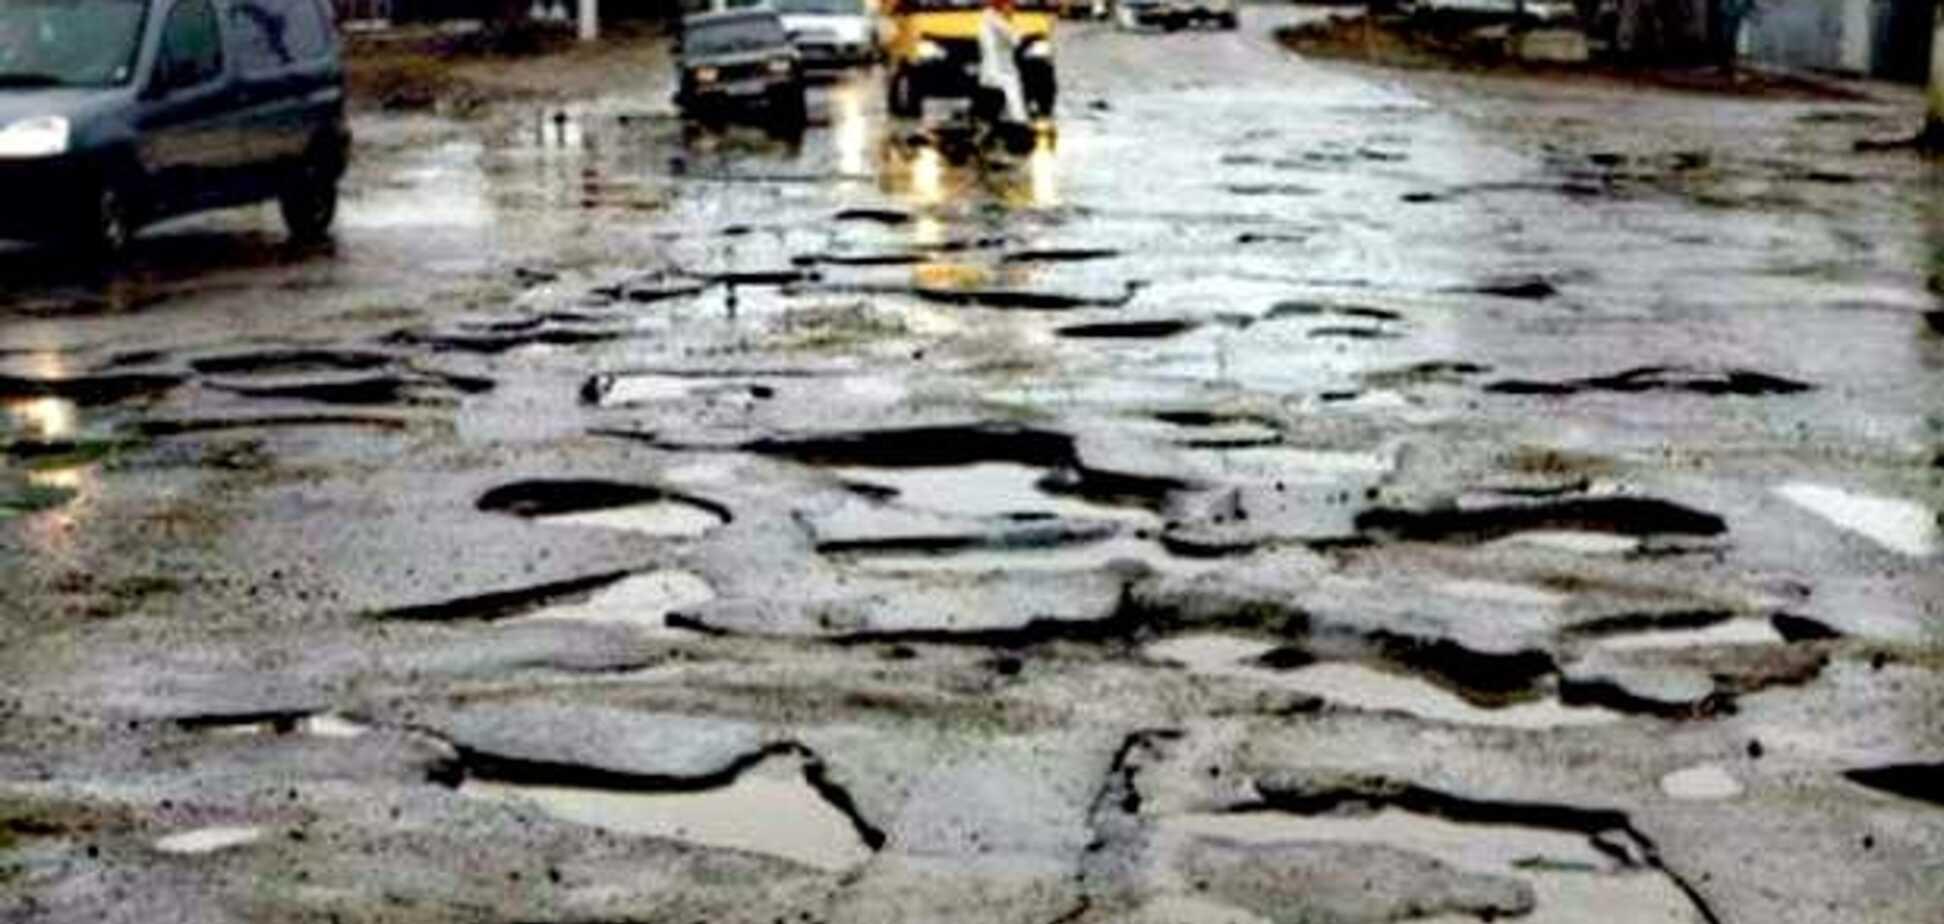 Правительству указали на некомпетентность руководства ГАК 'Автомобильные дороги Украины'- эксперт